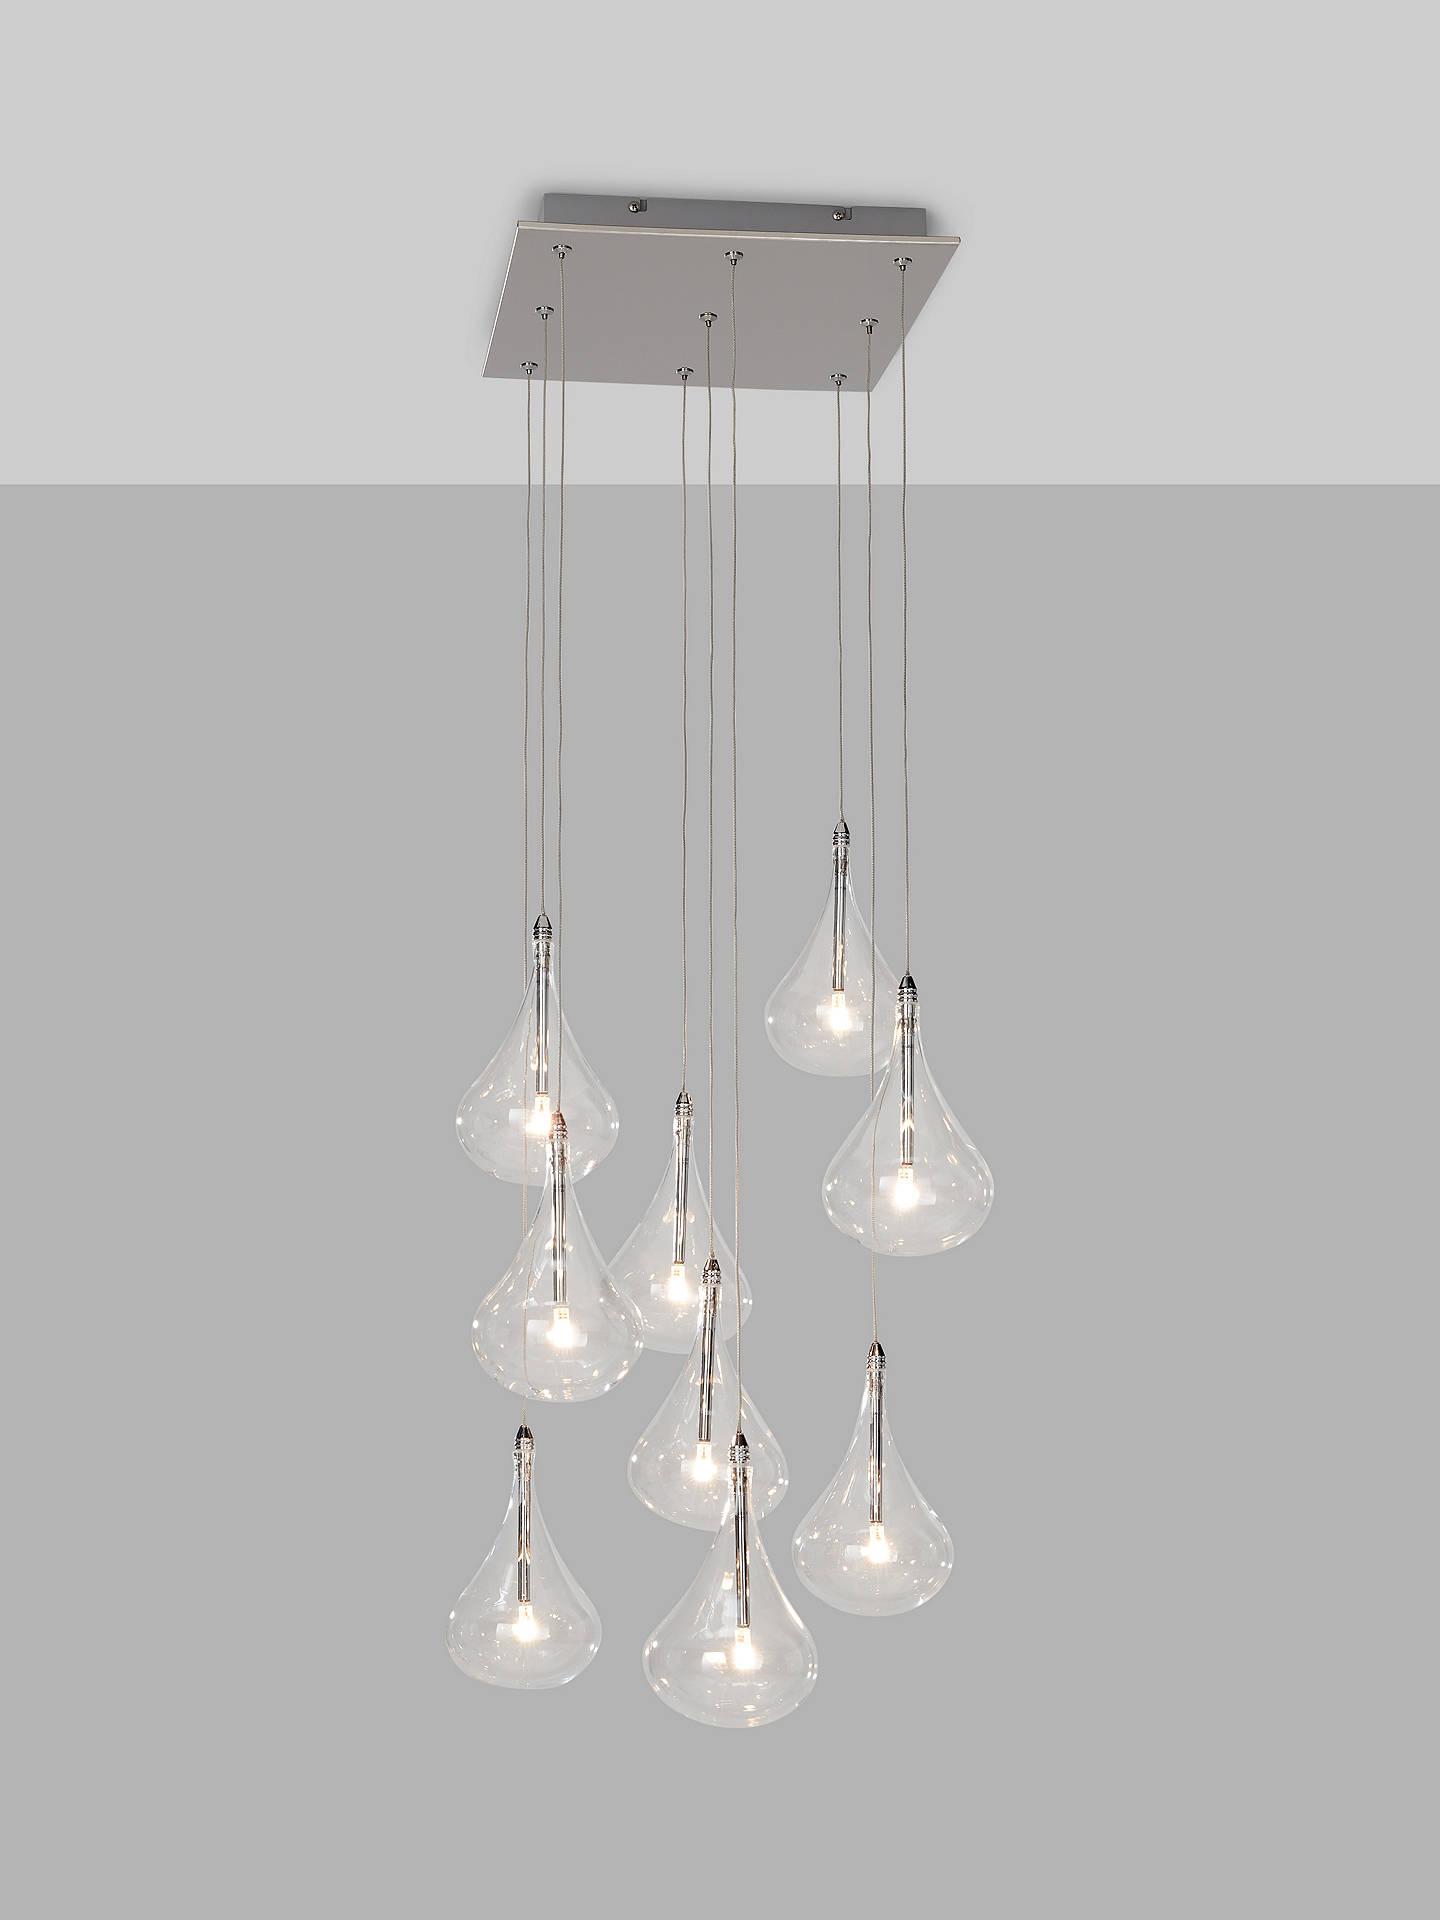 10c21cb181d0 Buy John Lewis & Partners Jensen 9 Pendant LED Cluster Ceiling Light,  Chrome Online at ...